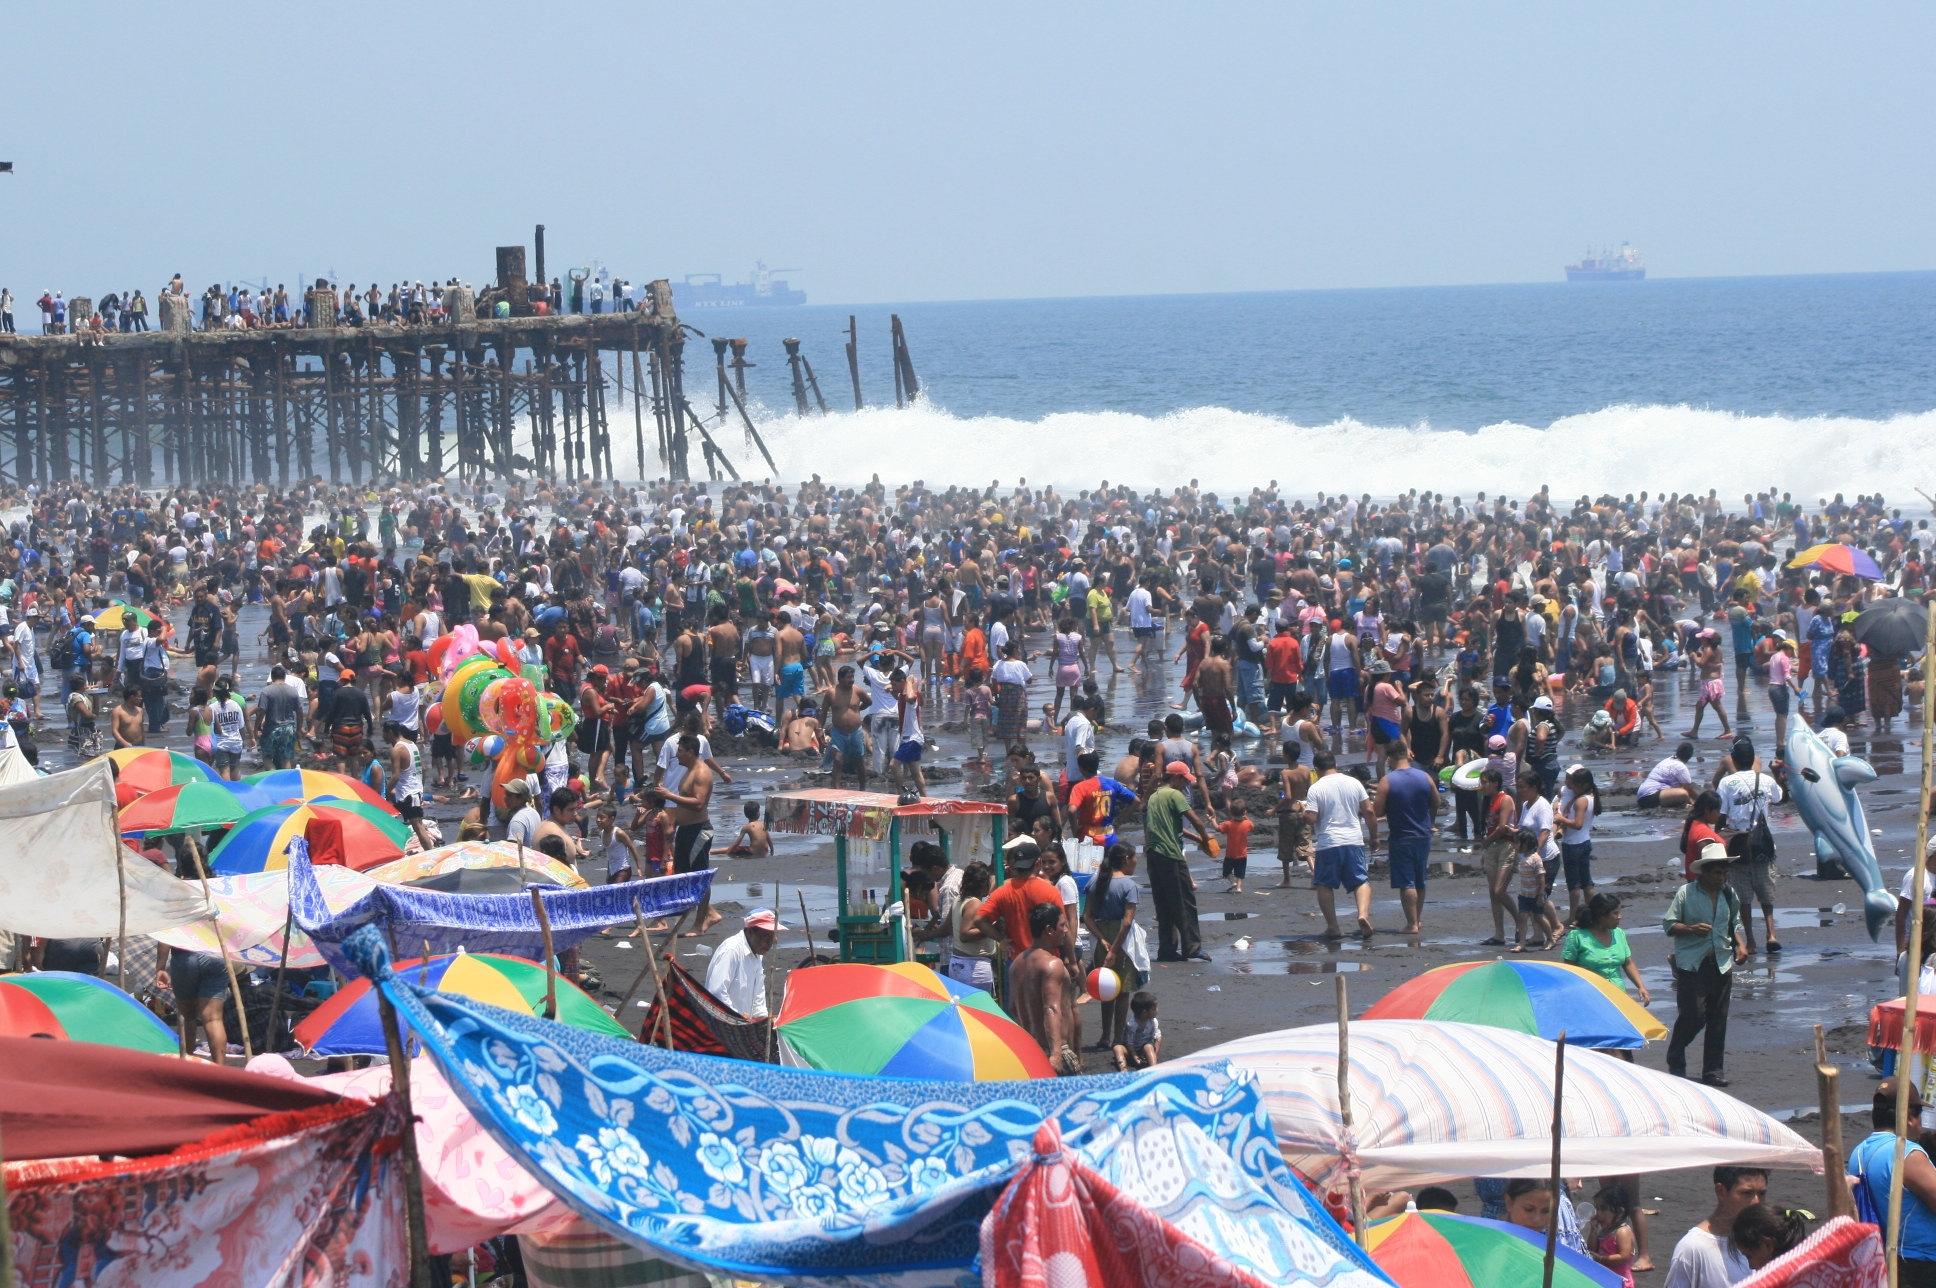 El puerto San José es uno de los lugares más concurridos, por lo que habrá un campamento para otorgar servicio médico gratuito, aunque no cuente con afiliación. (Foto Prensa Libre: Hemeroteca PL)